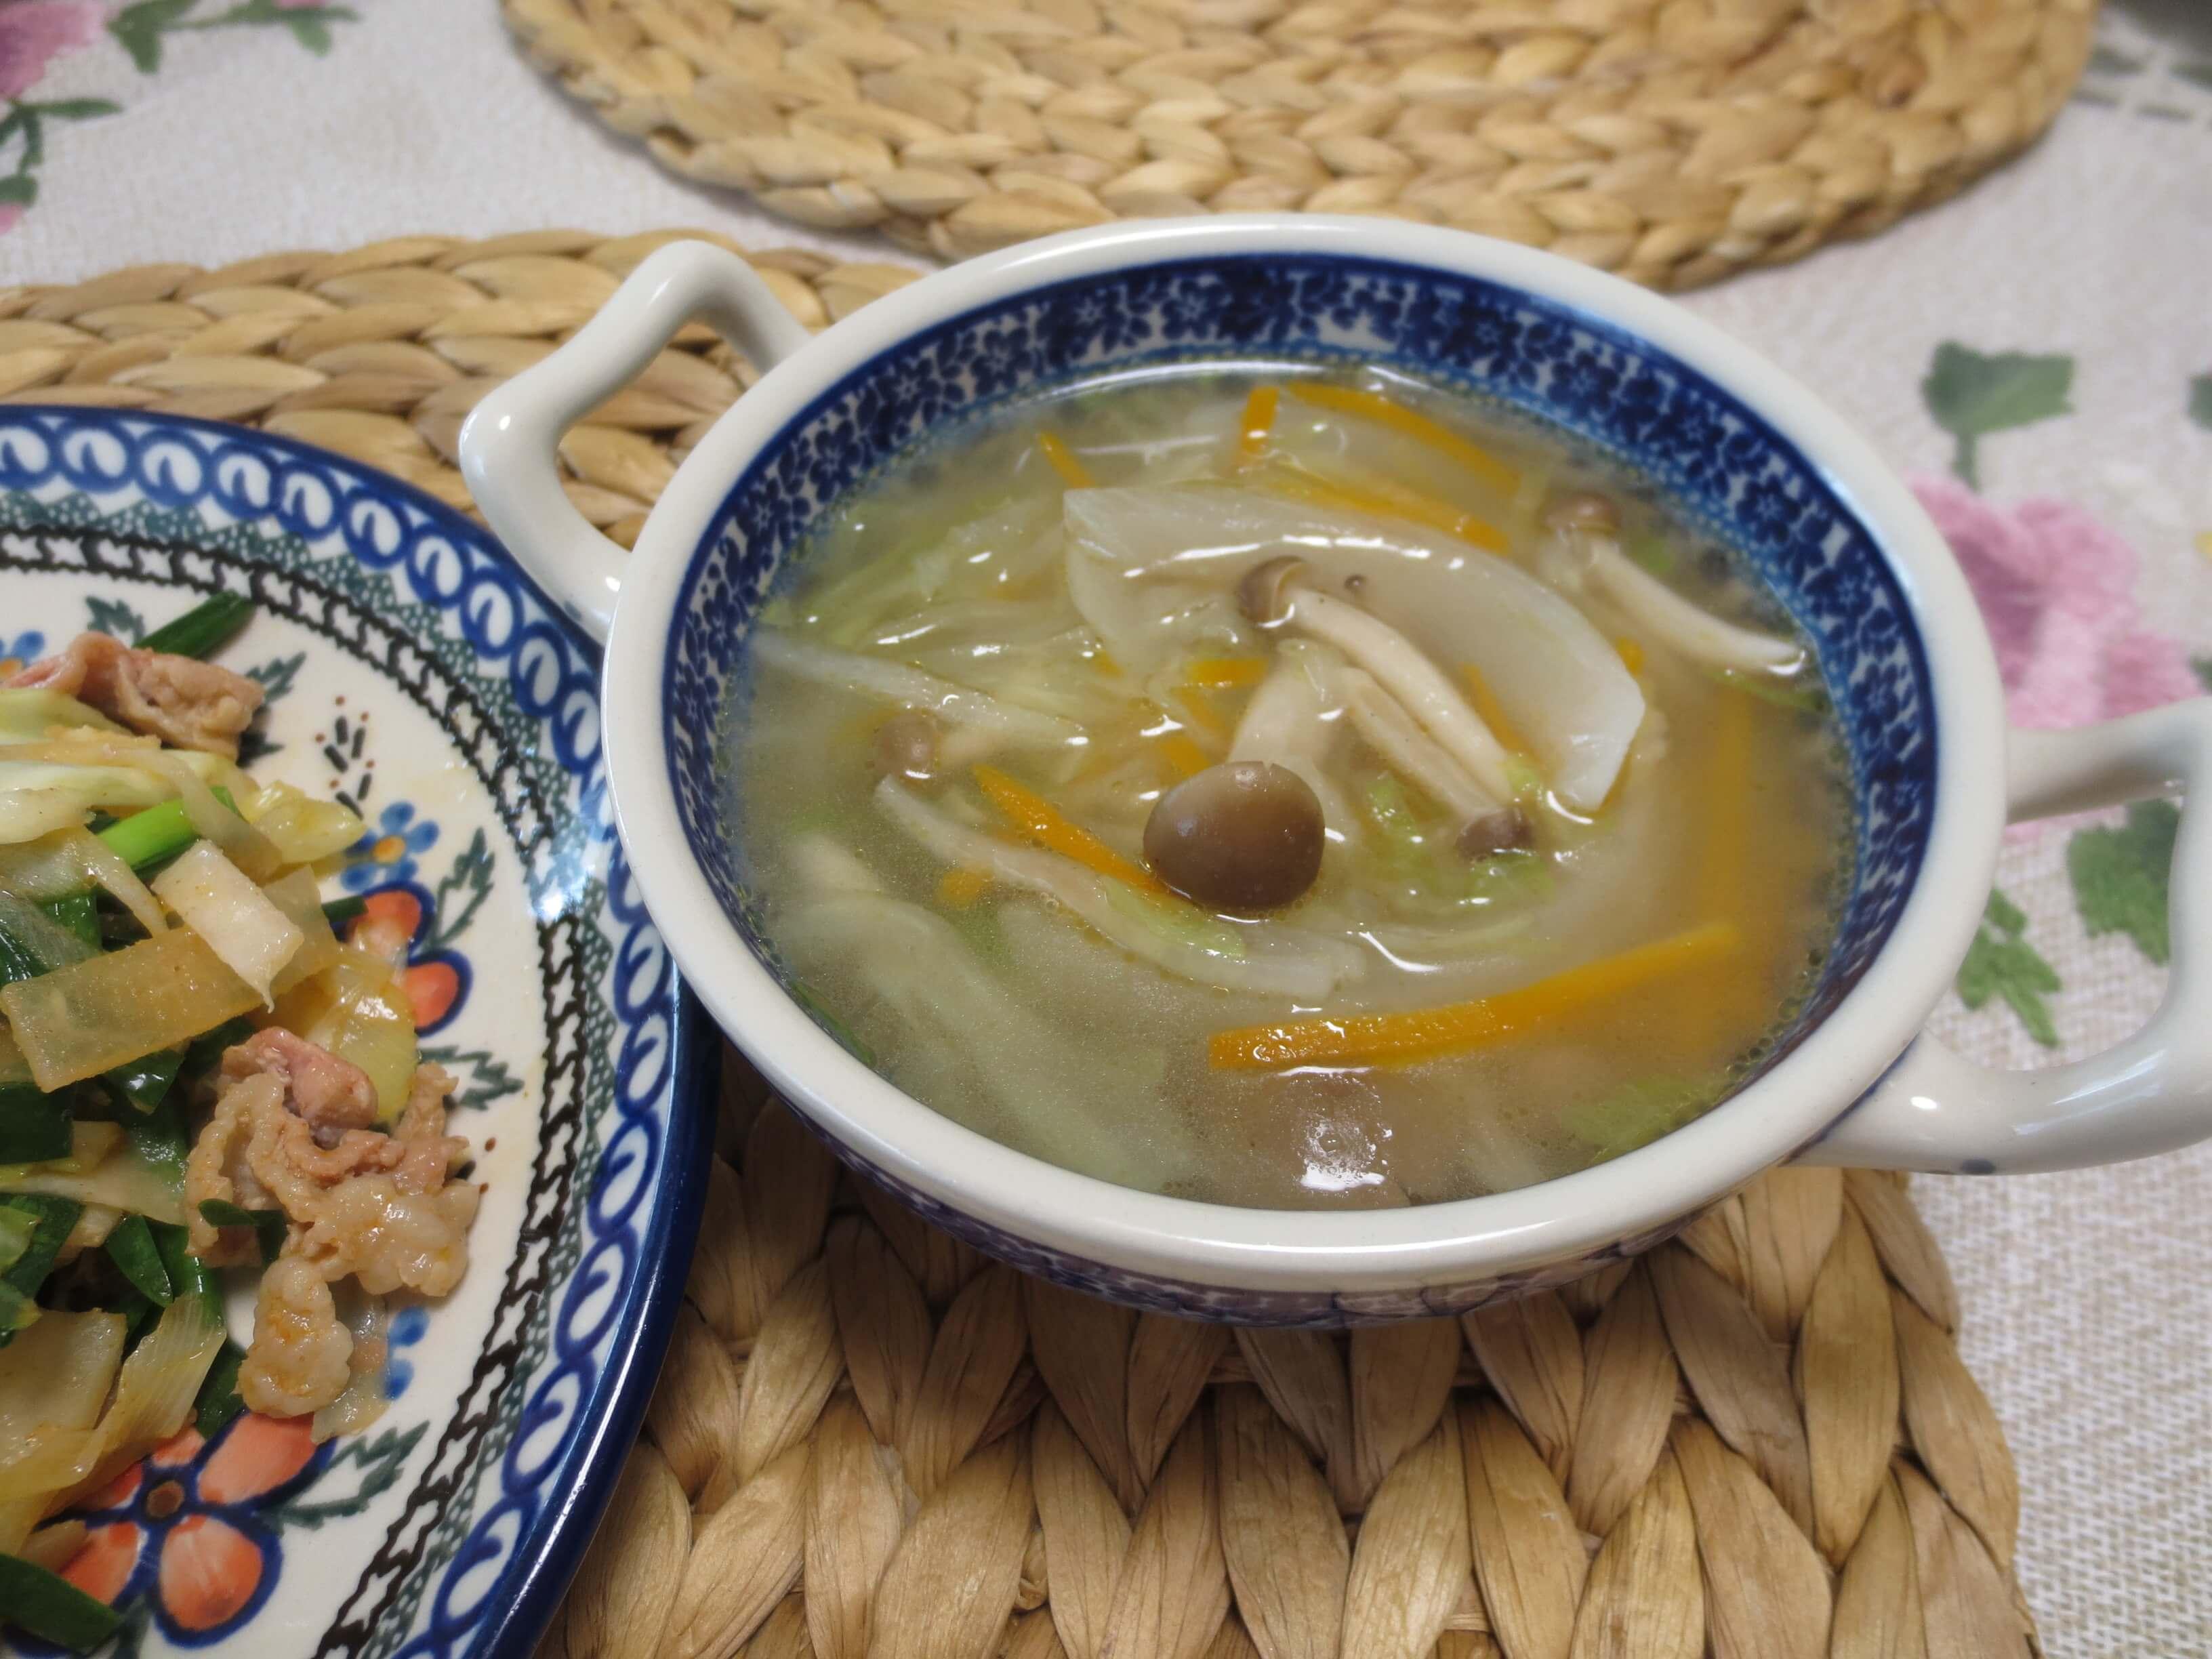 野菜宅配時短キットランキング6